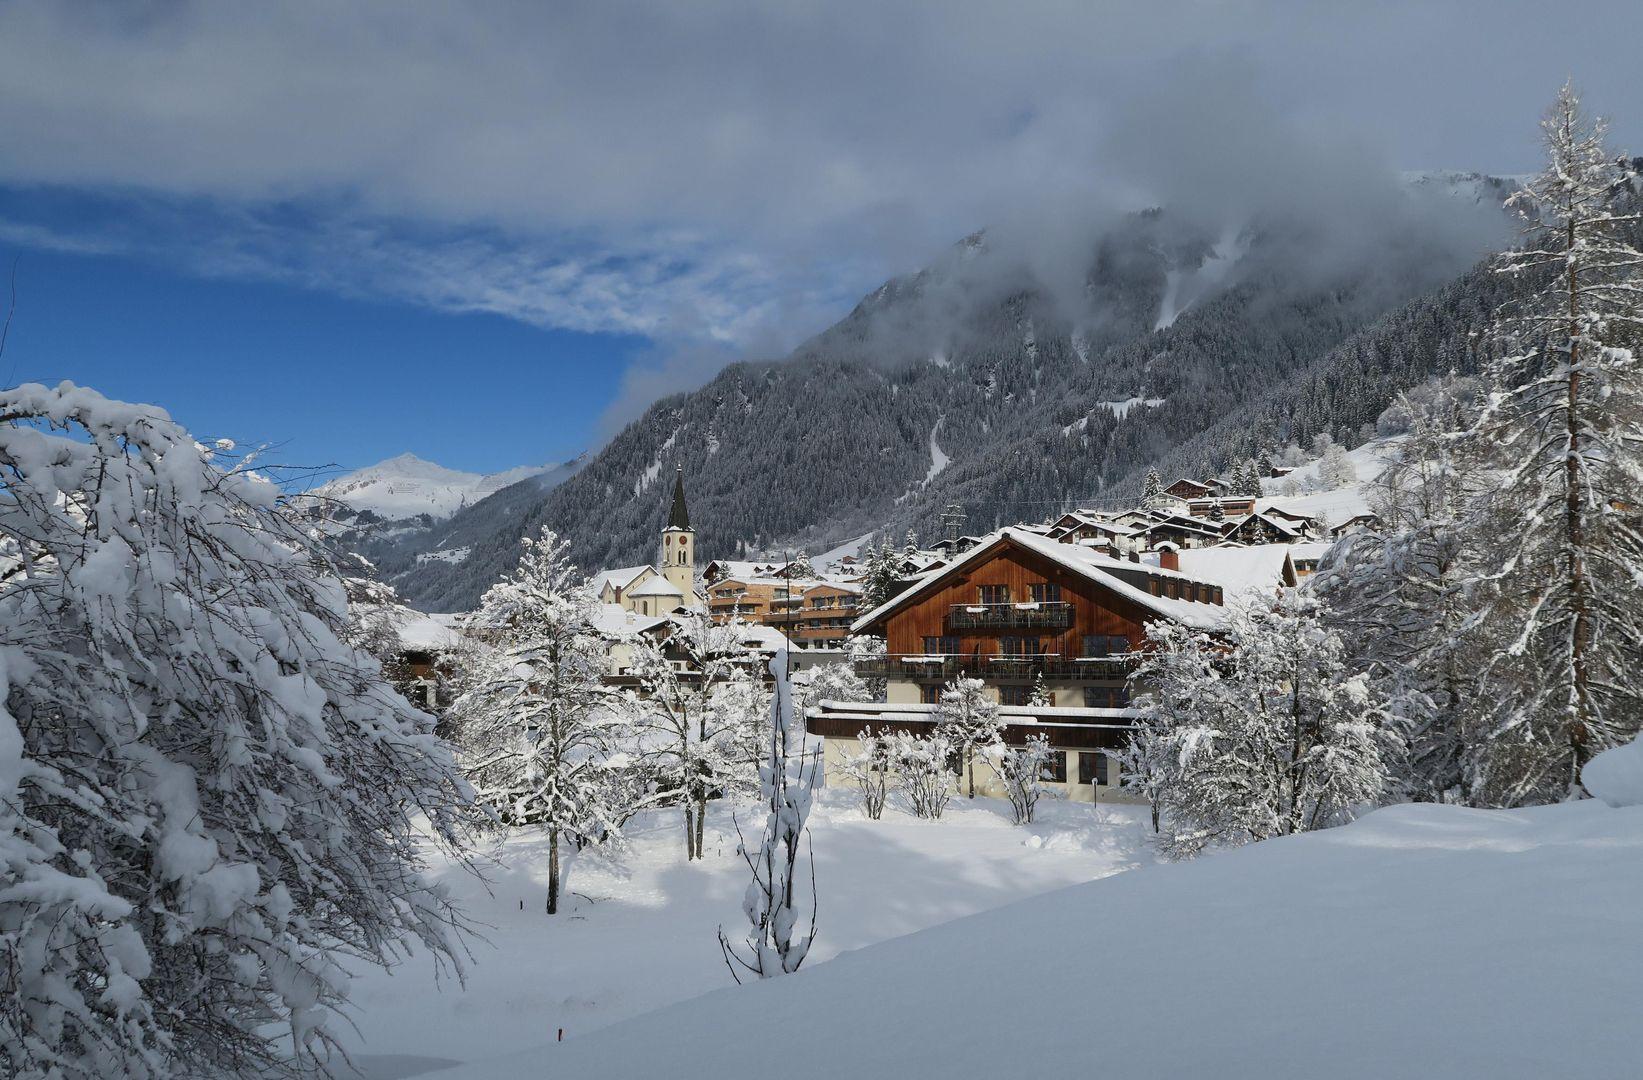 Meer info over Hotel Felbermayer  bij Wintertrex